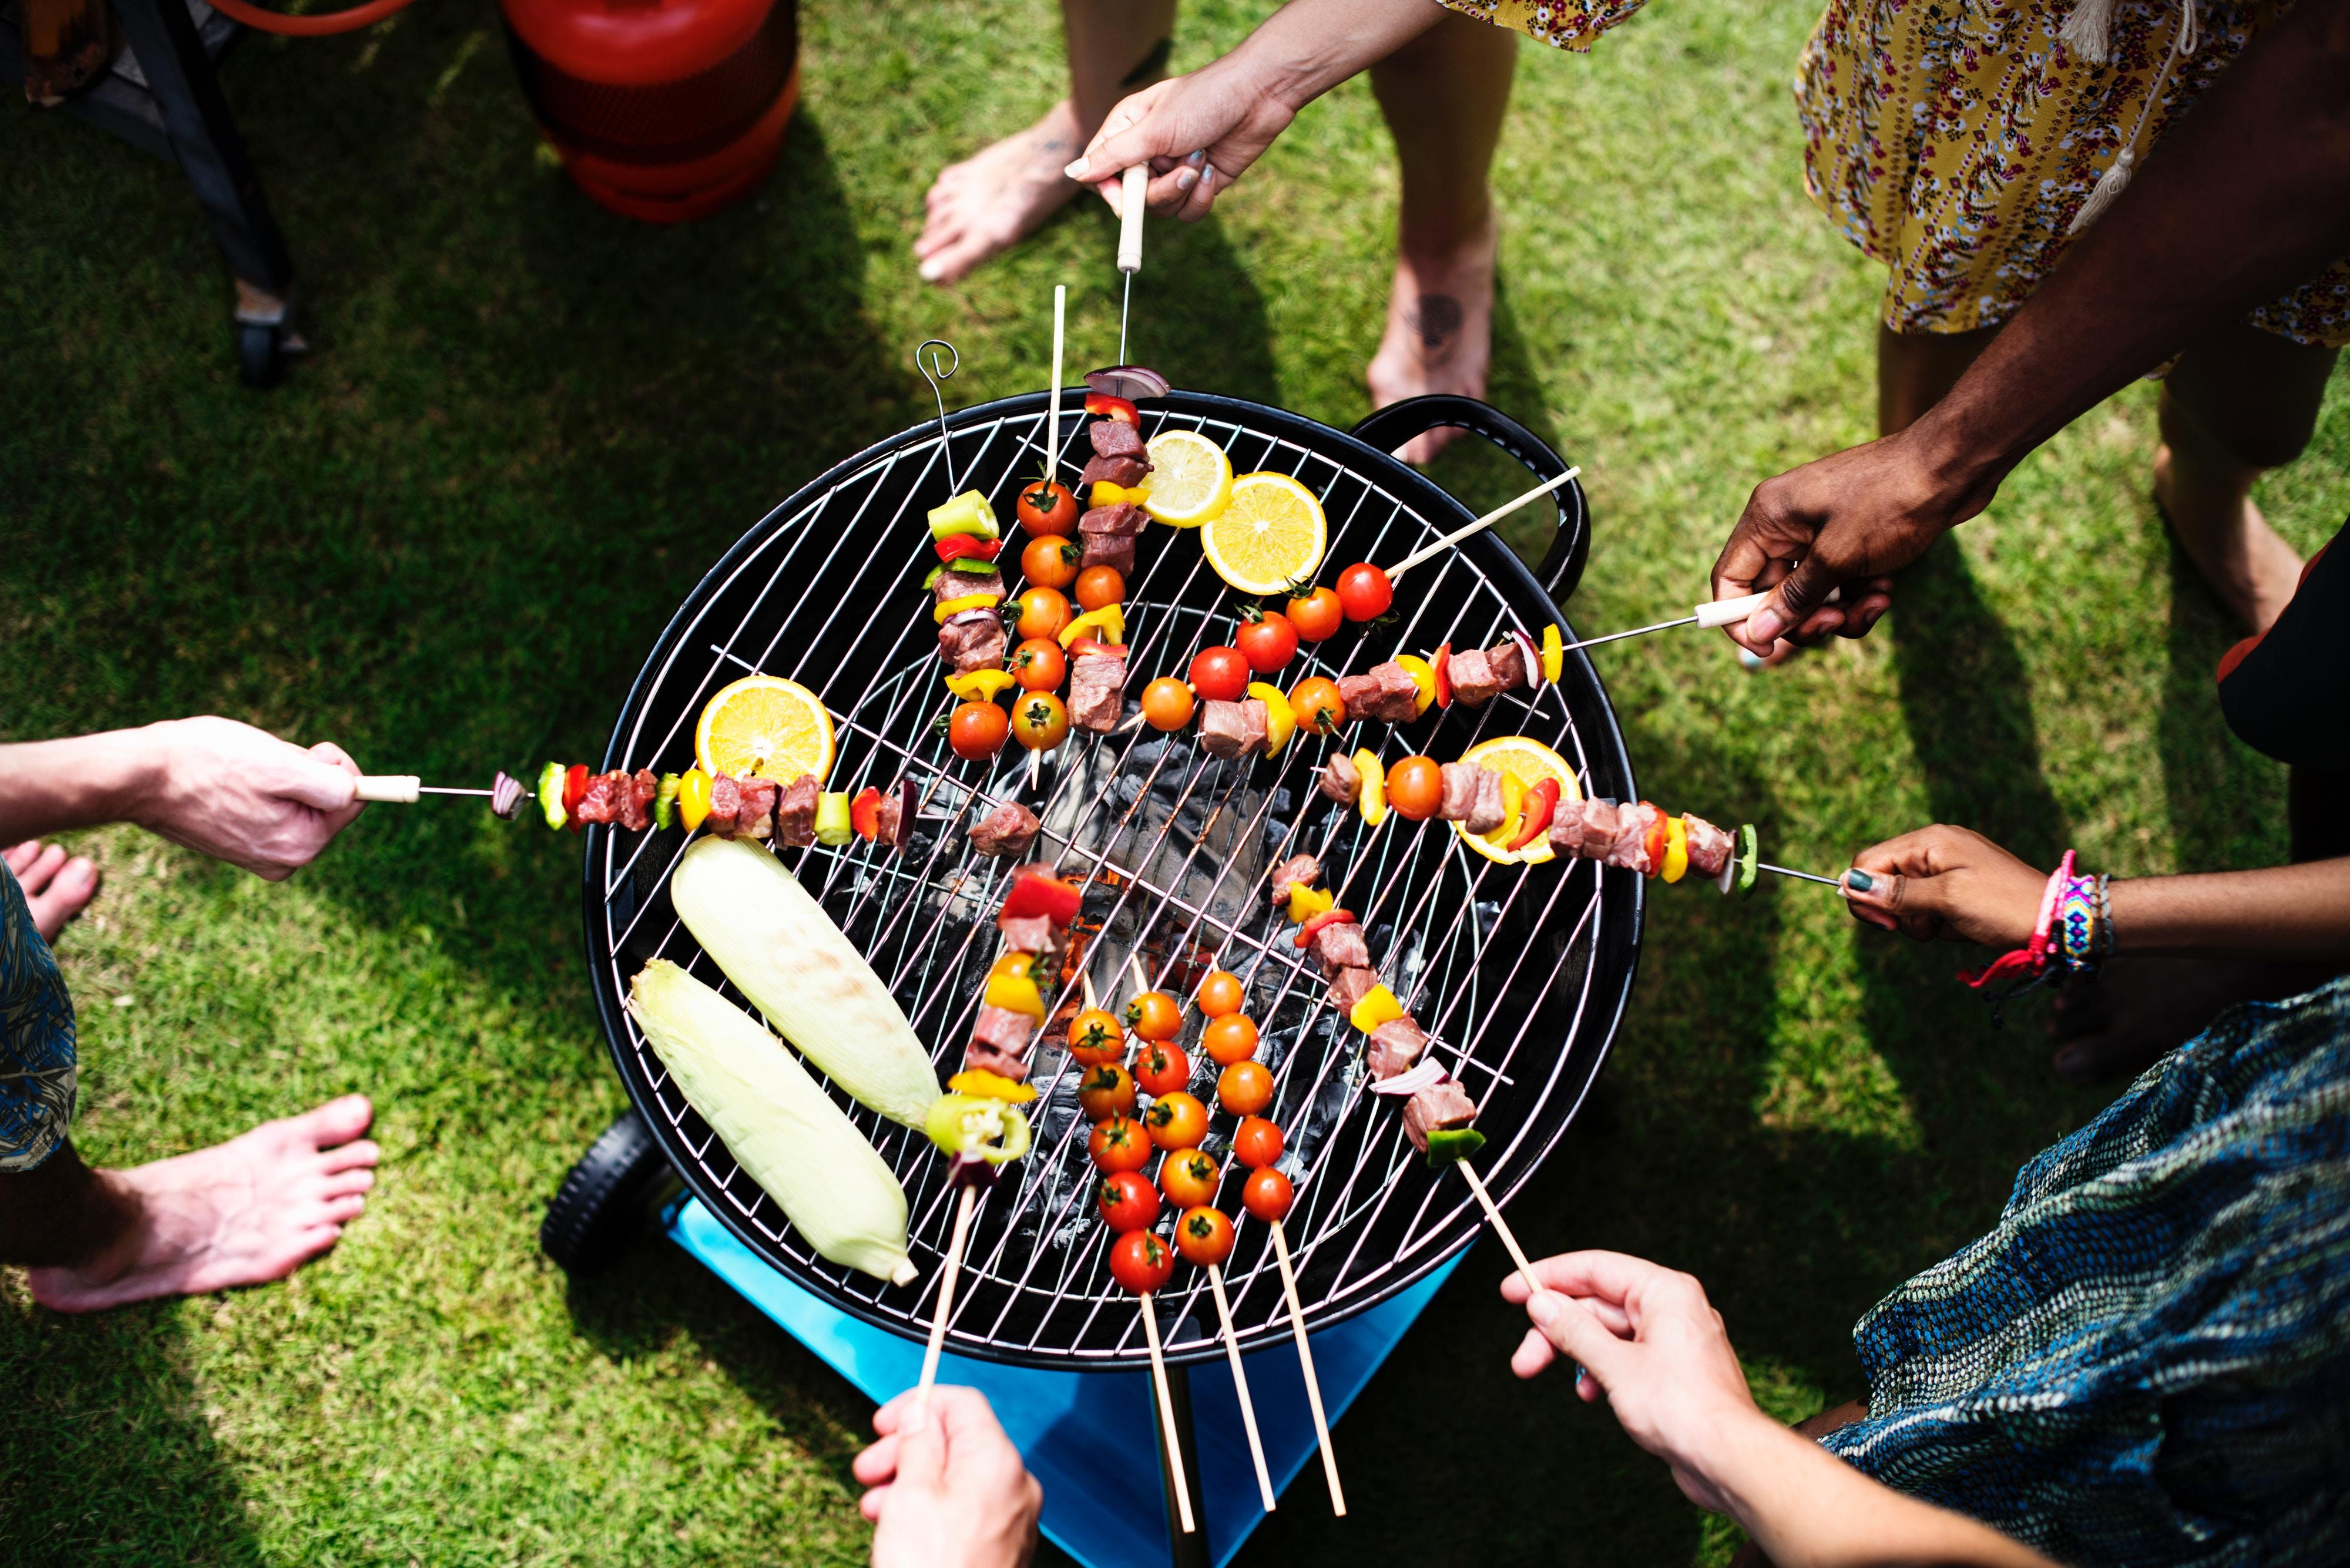 5 Tipps! Grillparty mit Freunden - So wird die Party ein Erfolg